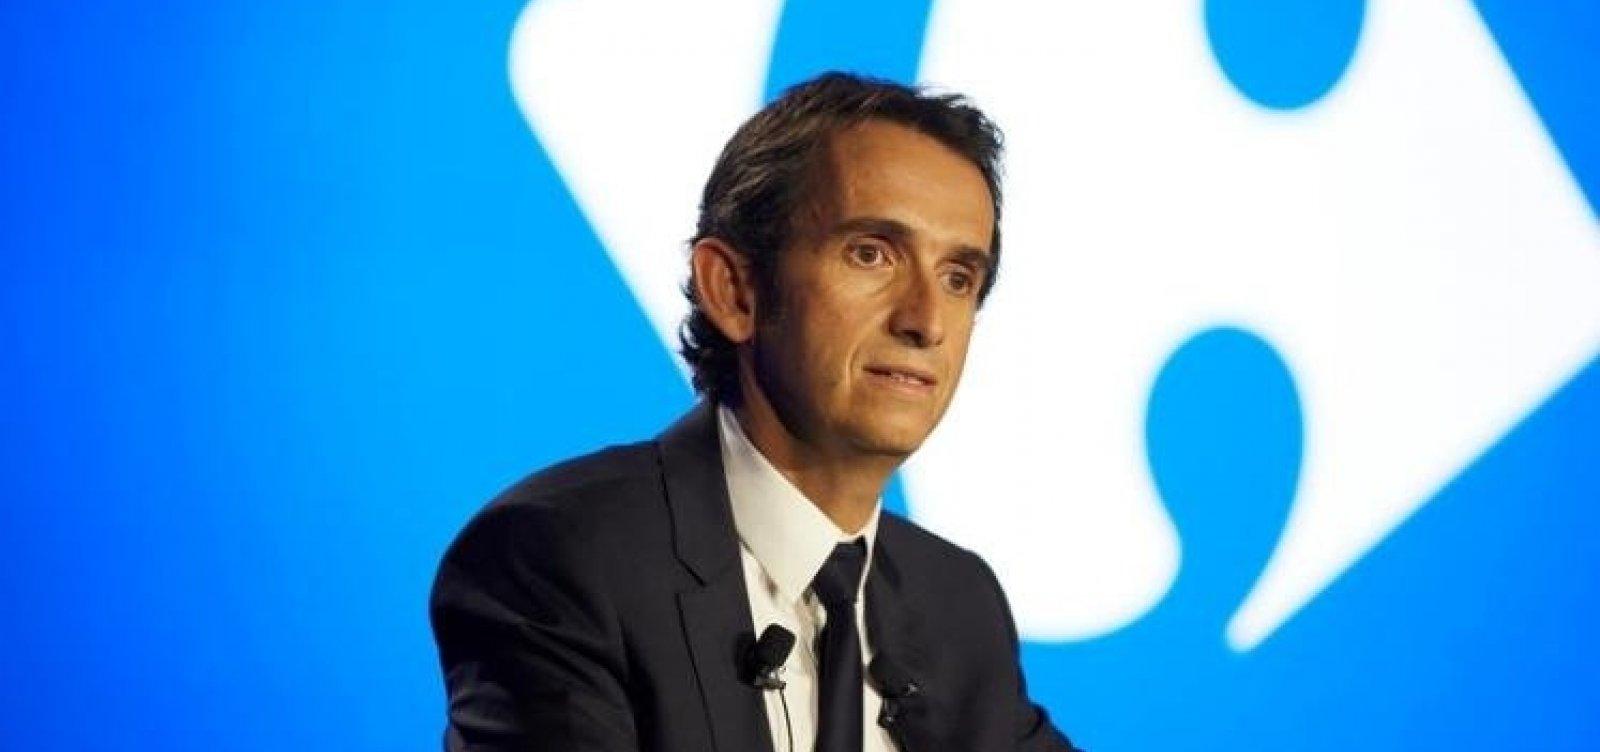 CEO global do Carrefour lamenta morte de João Alberto e cobra revisão do treinamento de funcionários